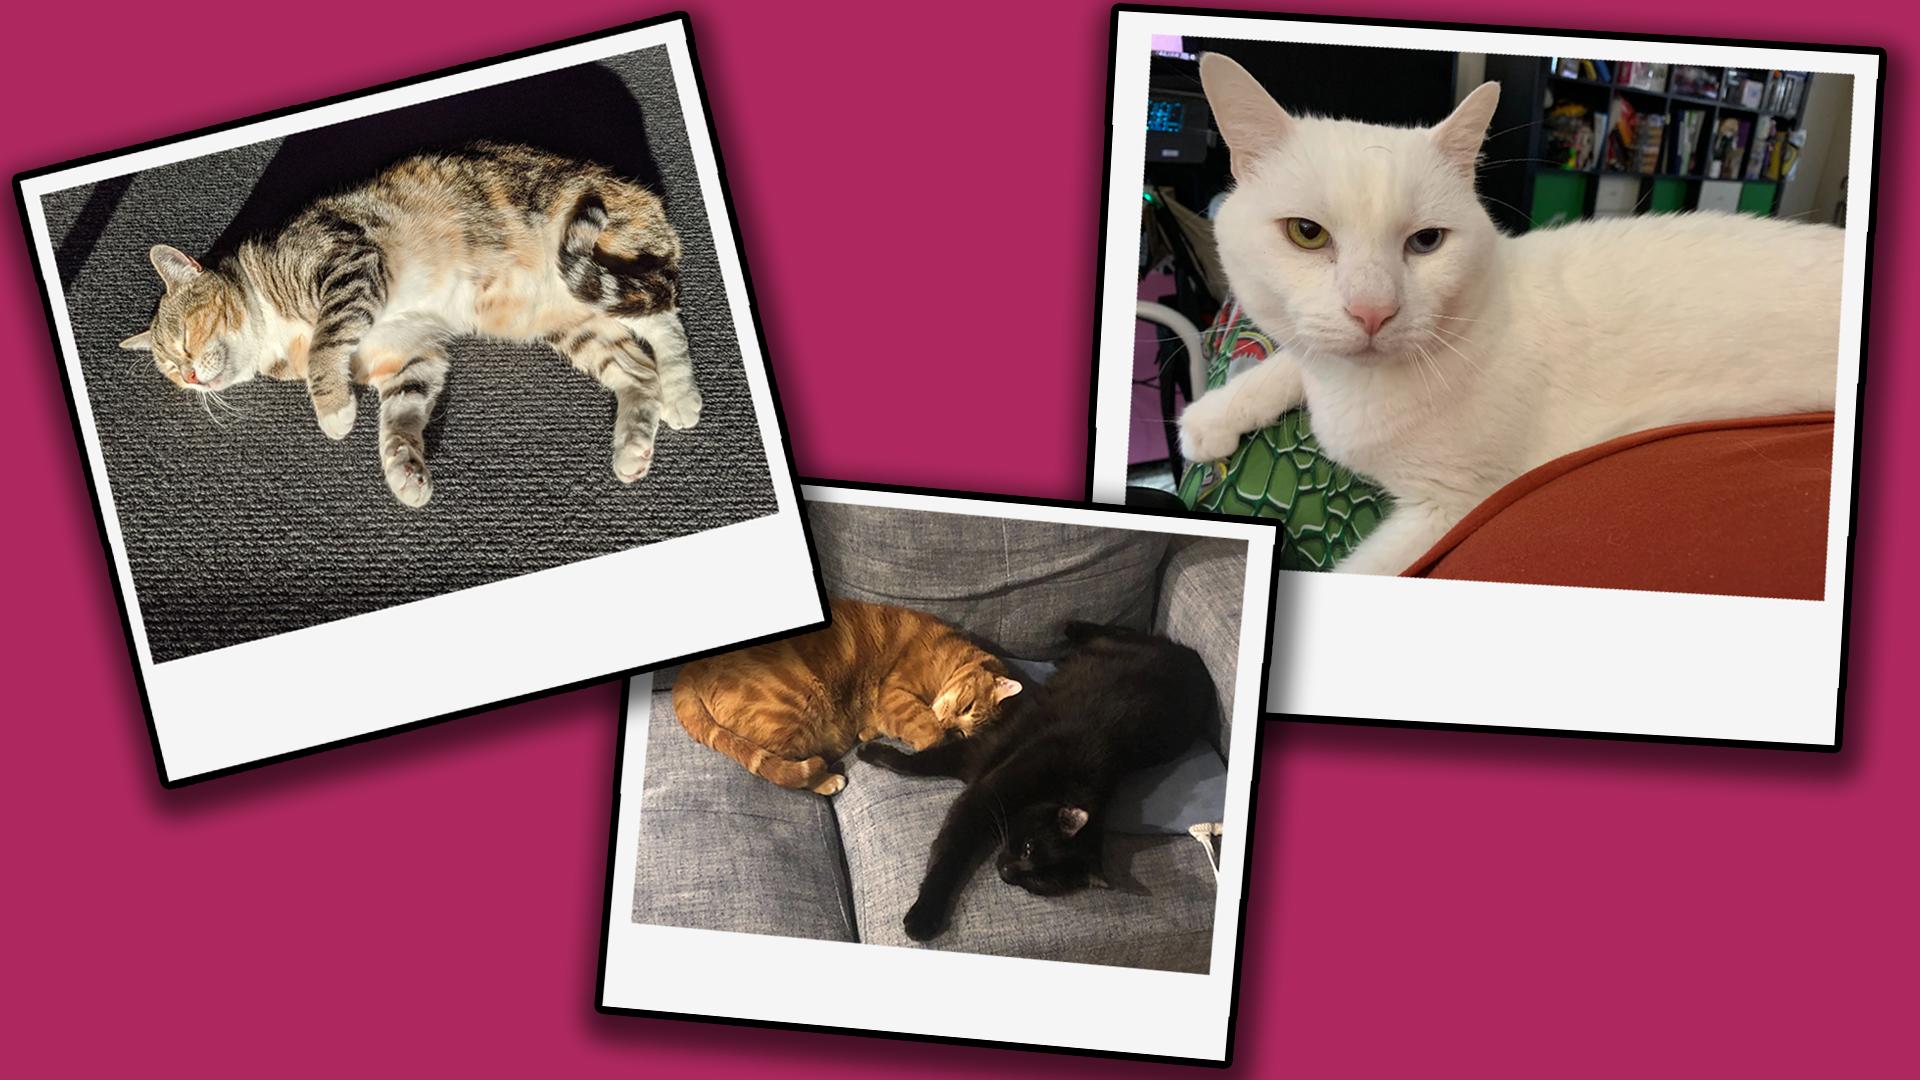 The Cats Of Kotaku